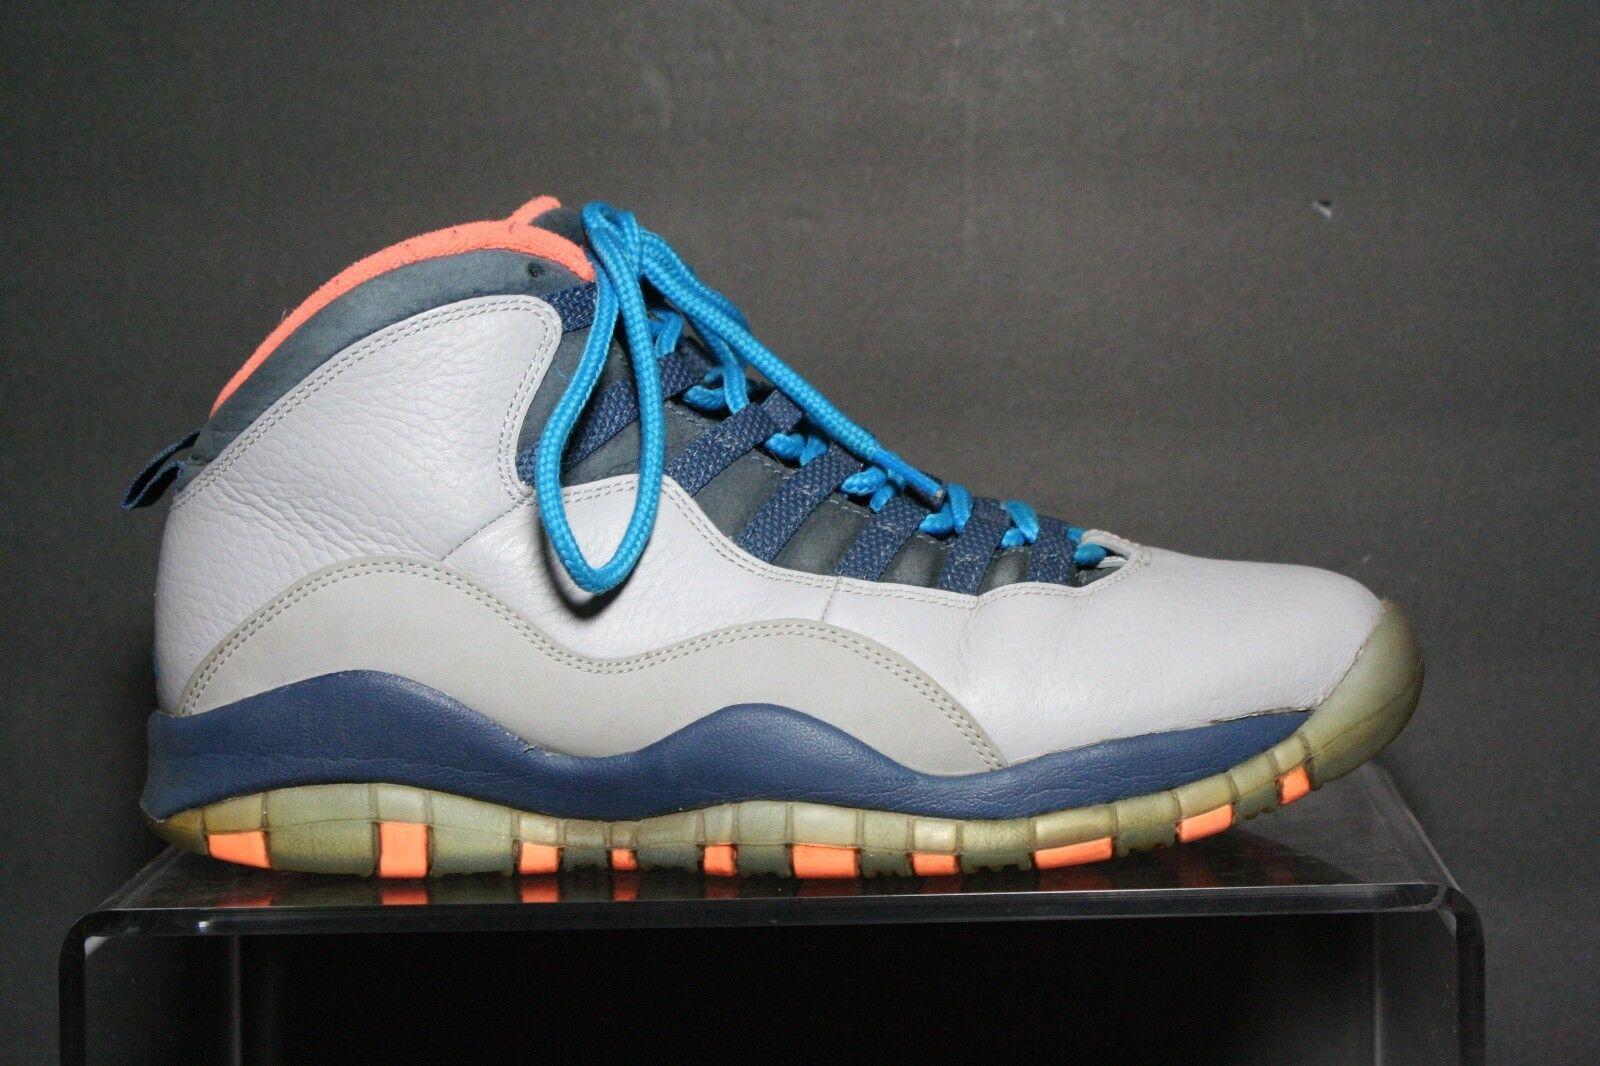 Nike Air Jordan 10 Retro Charlotte Bobcats 13' Sneakers Multi Athletic Men's 9.5